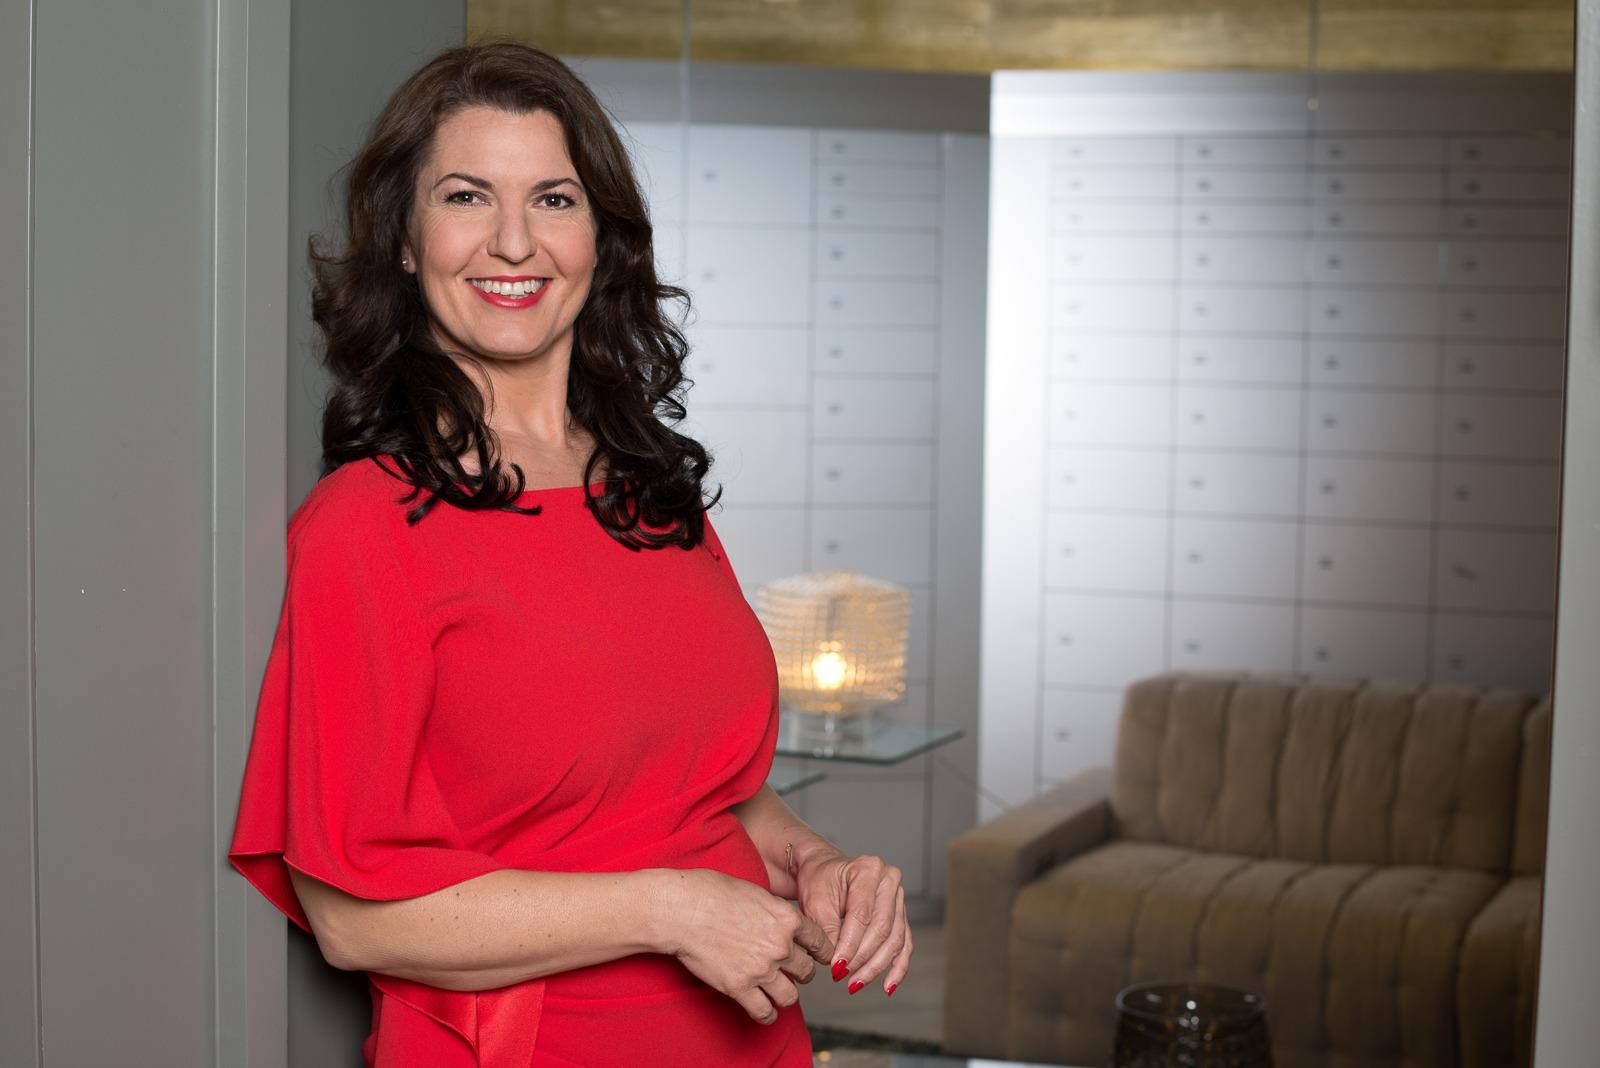 Monika Maximilian, Finanzexpertin: ... meine beruflichen Erfolge nicht von anderen abhängig machen.